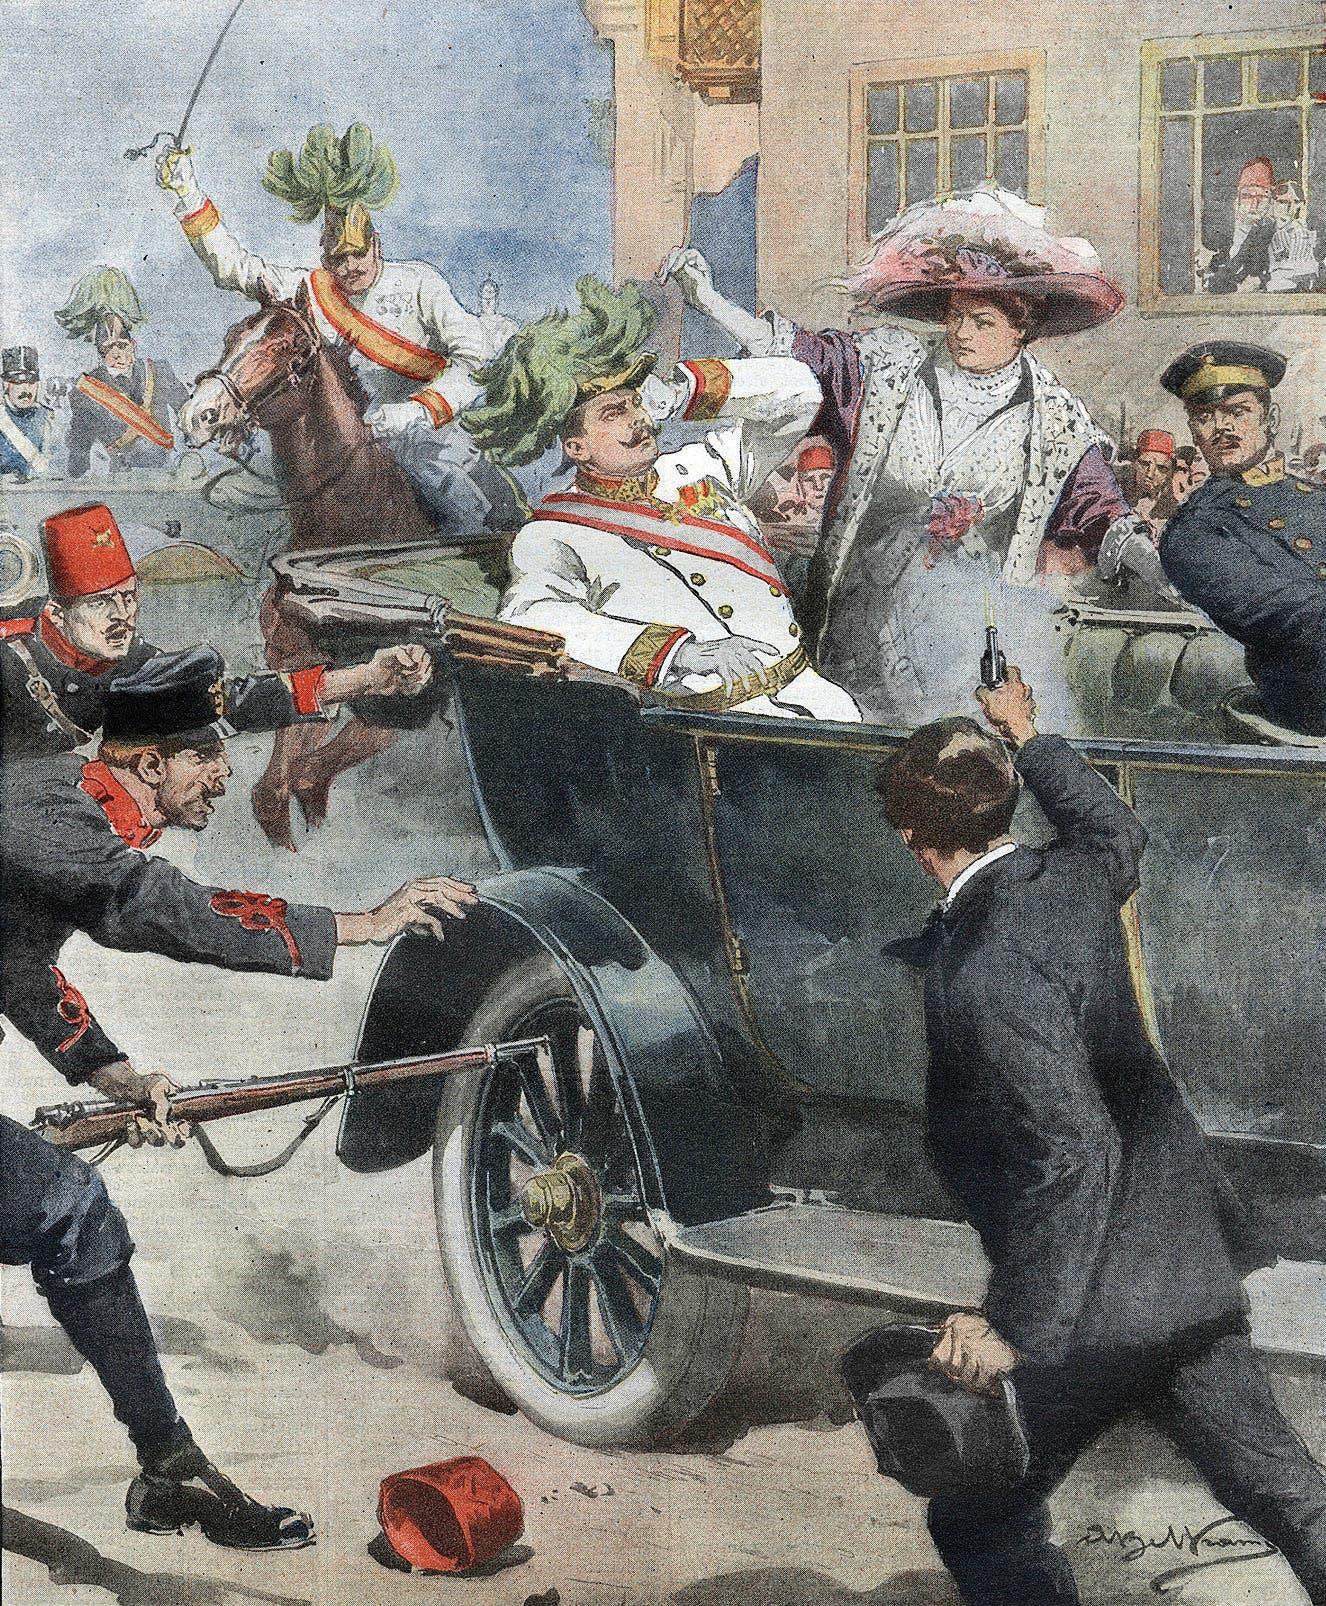 صورة تخيلية لحادثة سراييفو